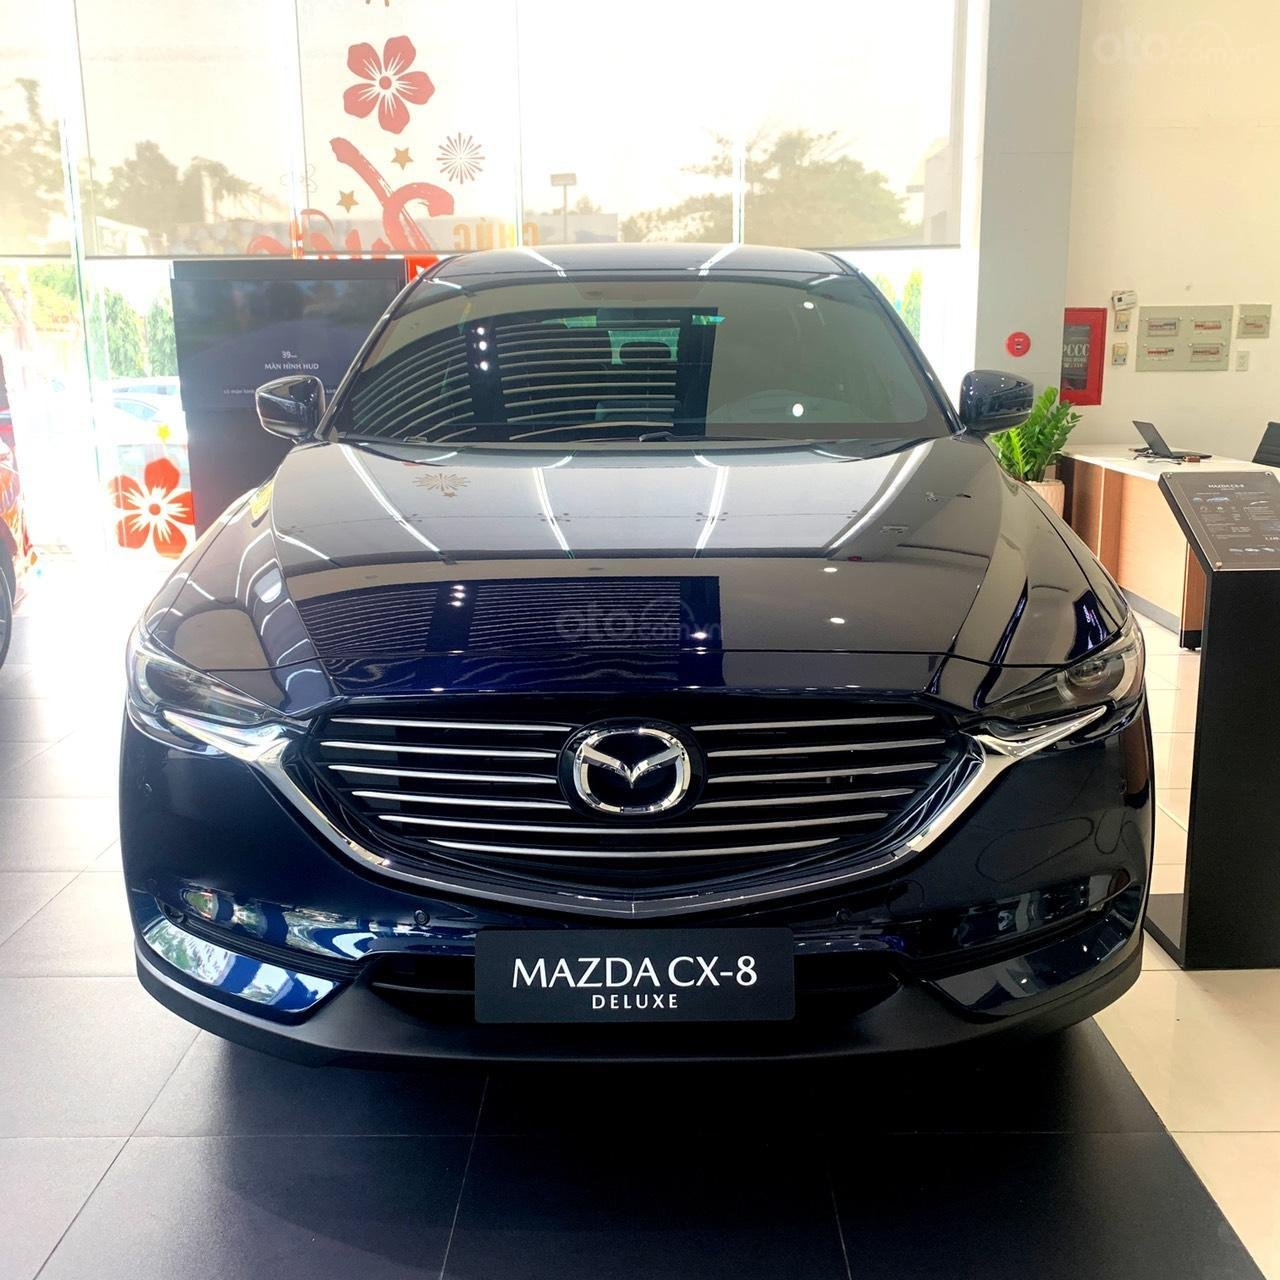 Mazda CX-8 ưu đãi 200tr + Quà tặng + Bảo hiểm 2 chiều (1)